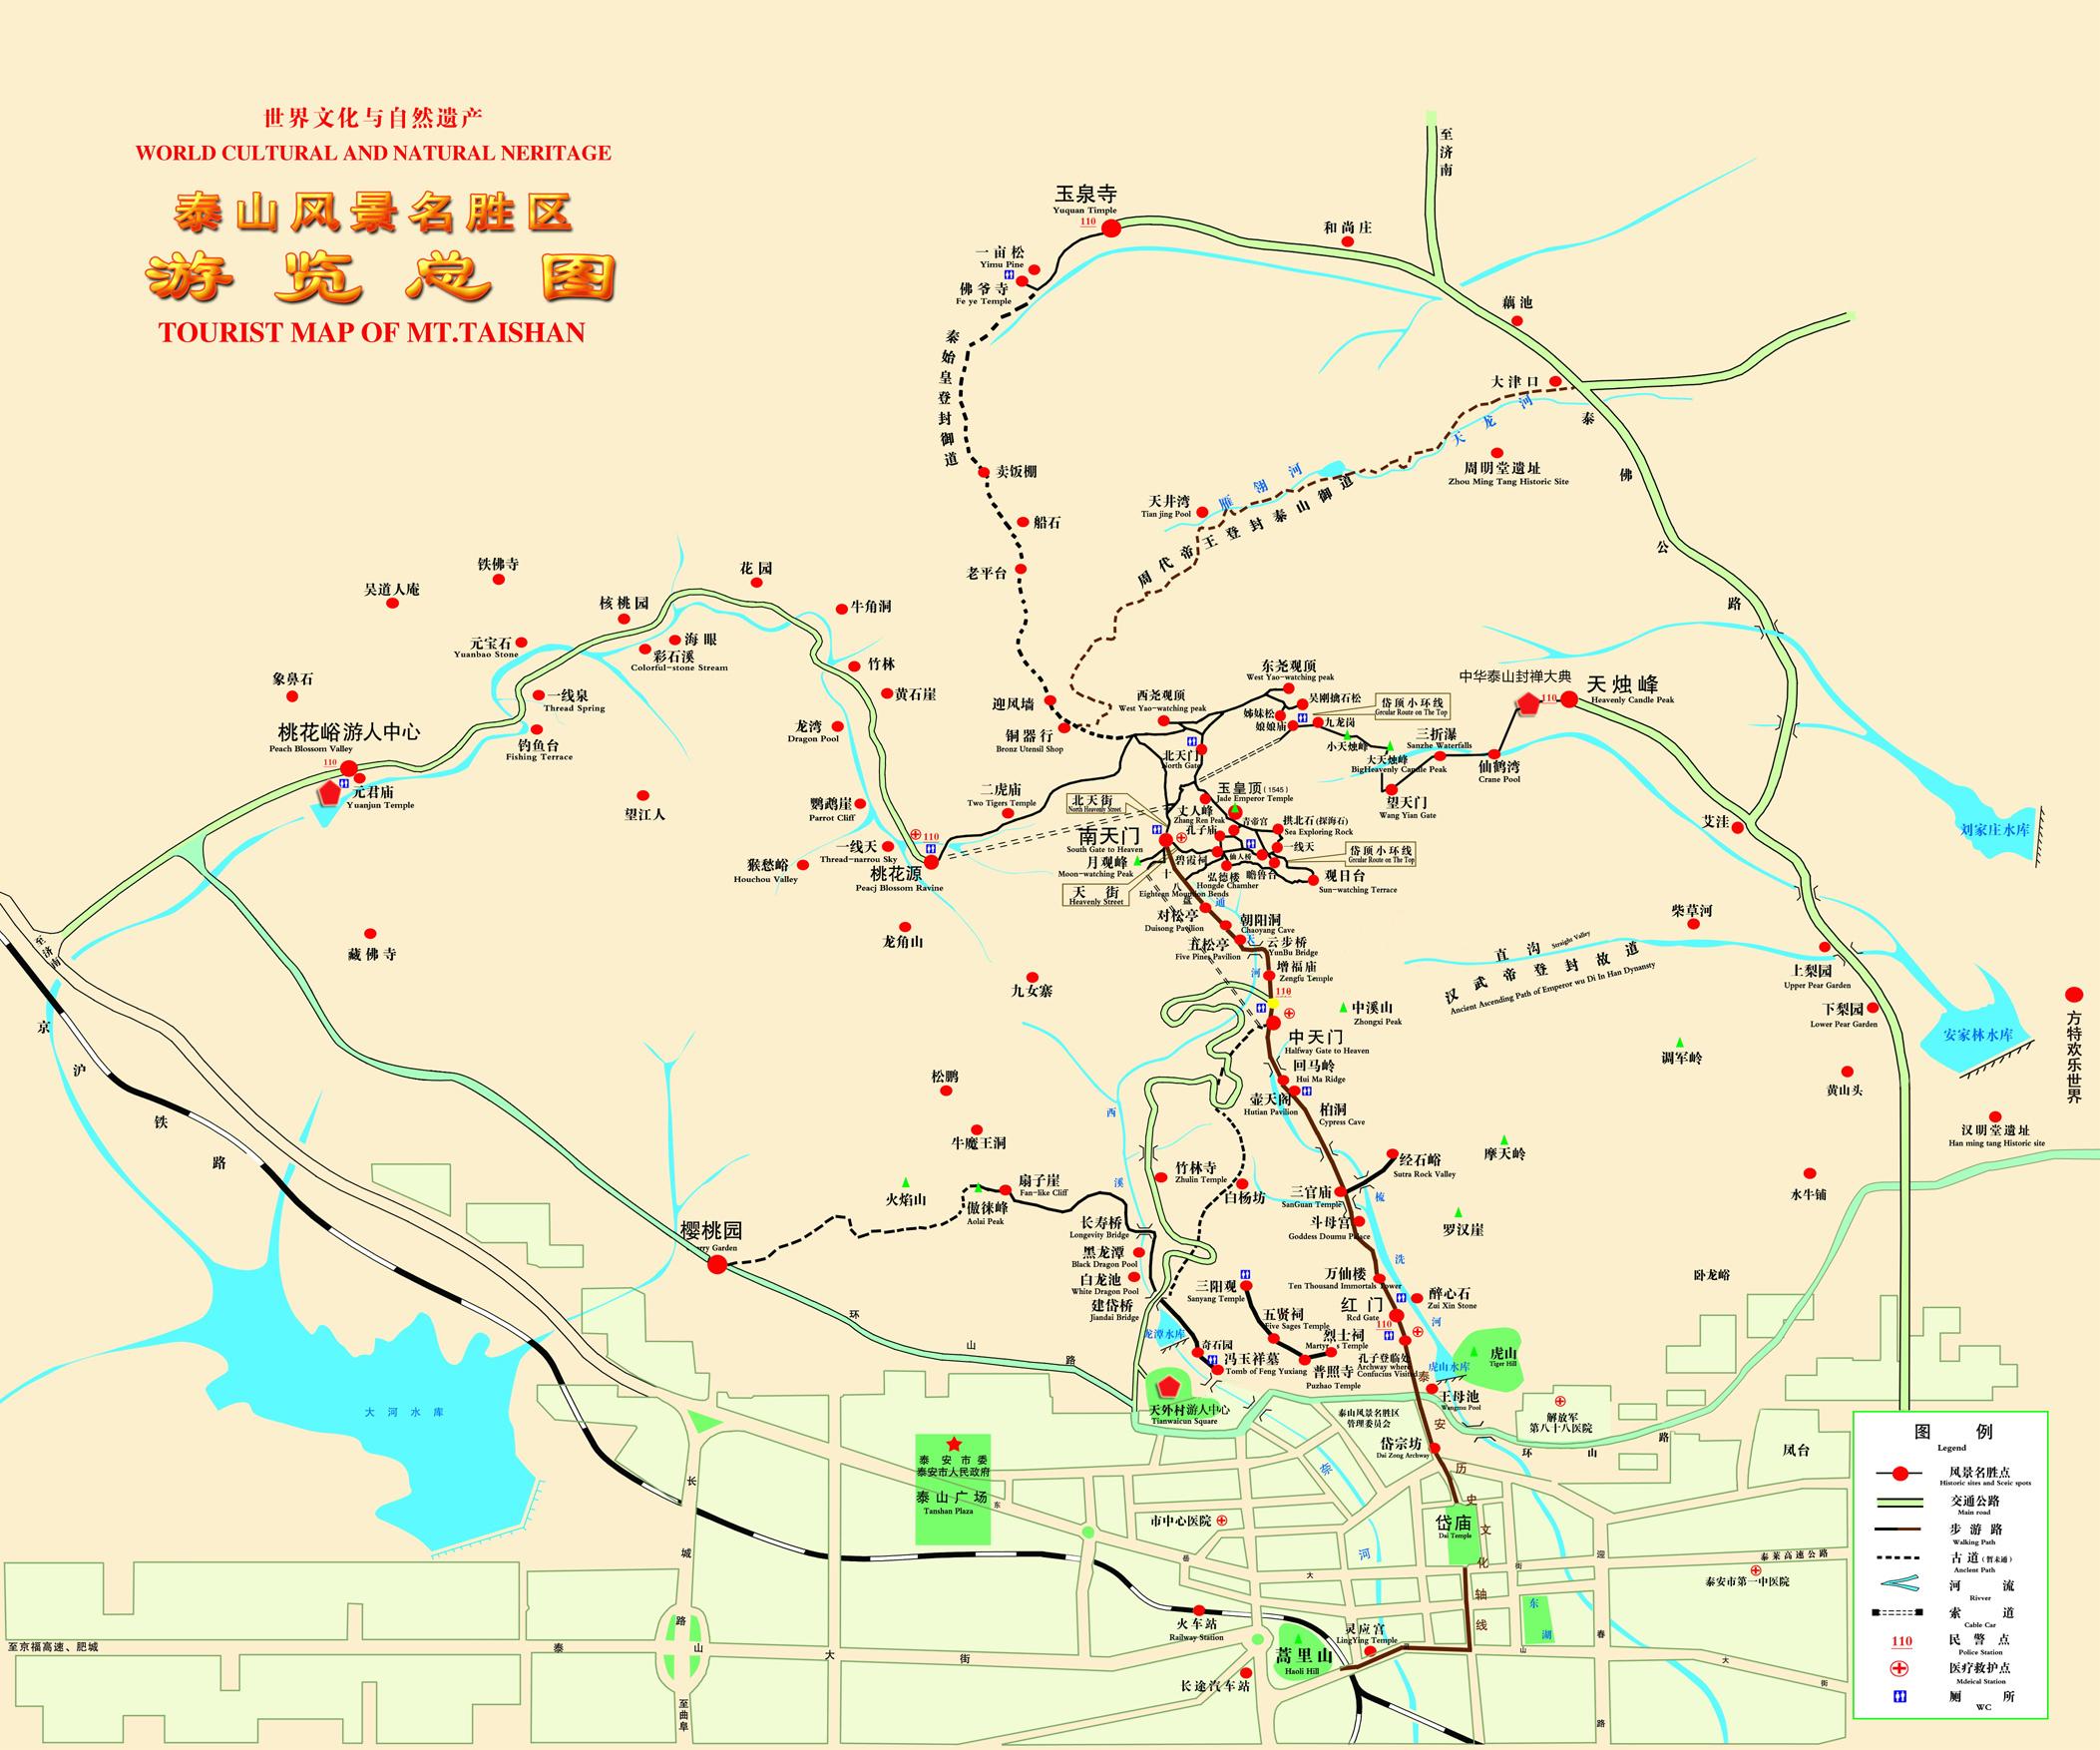 泰山到青岛地图全图